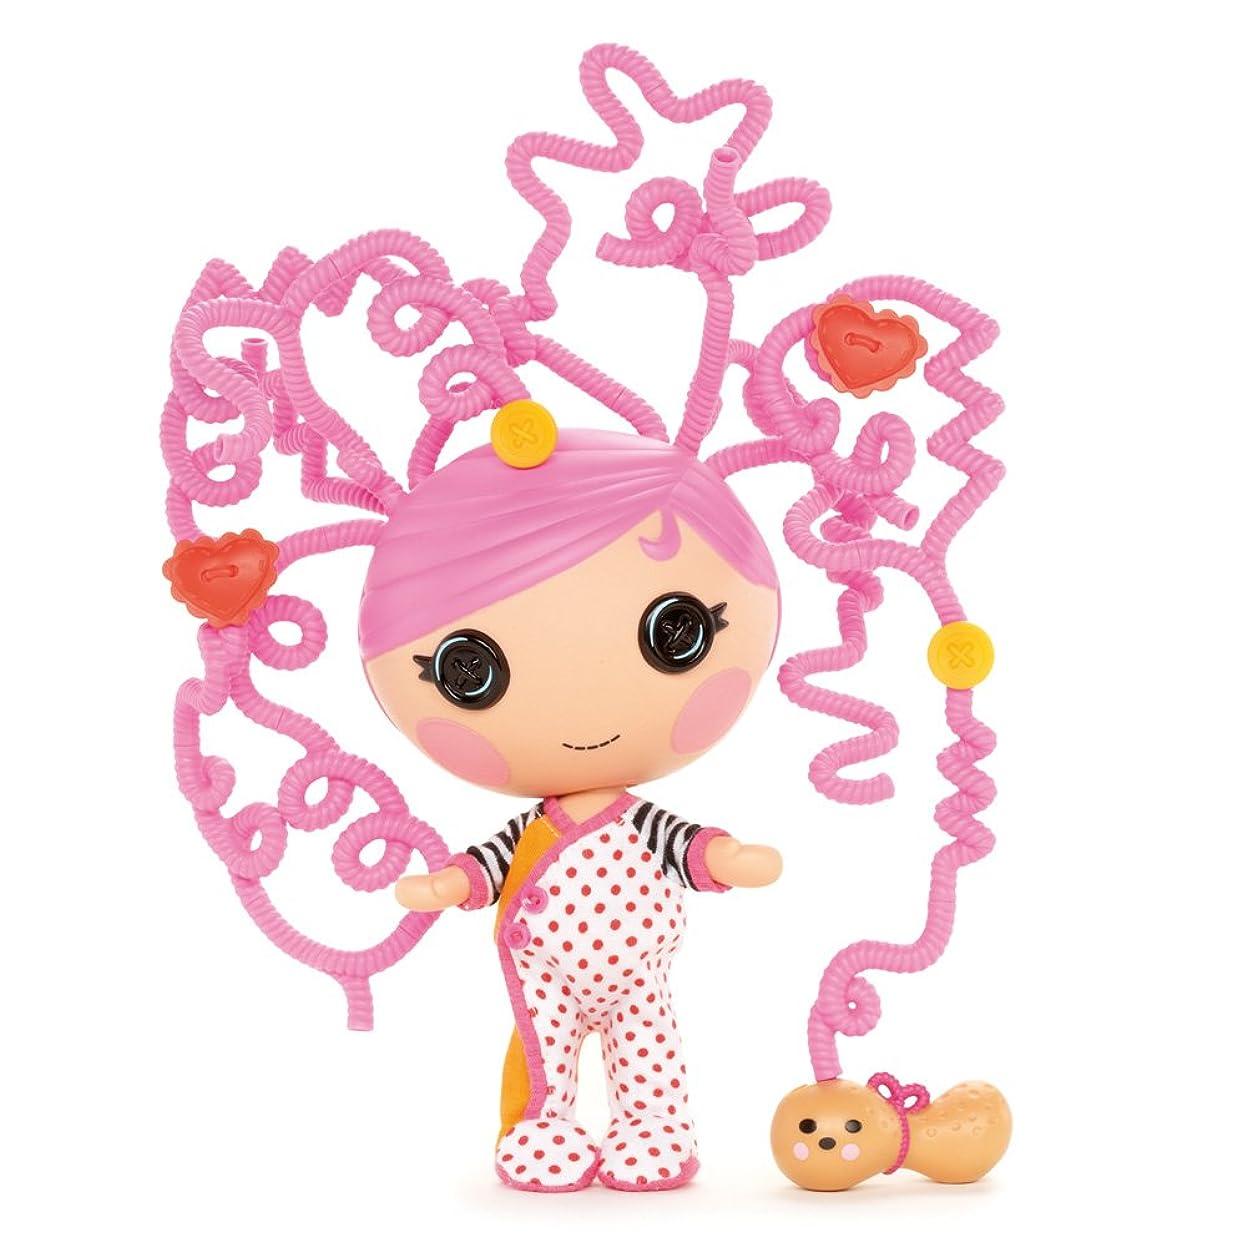 曲げるハーブ悲鳴Lalaloopsy Littles Silly Hair Doll, Squirt Lil Top by Lalaloopsy [並行輸入品]